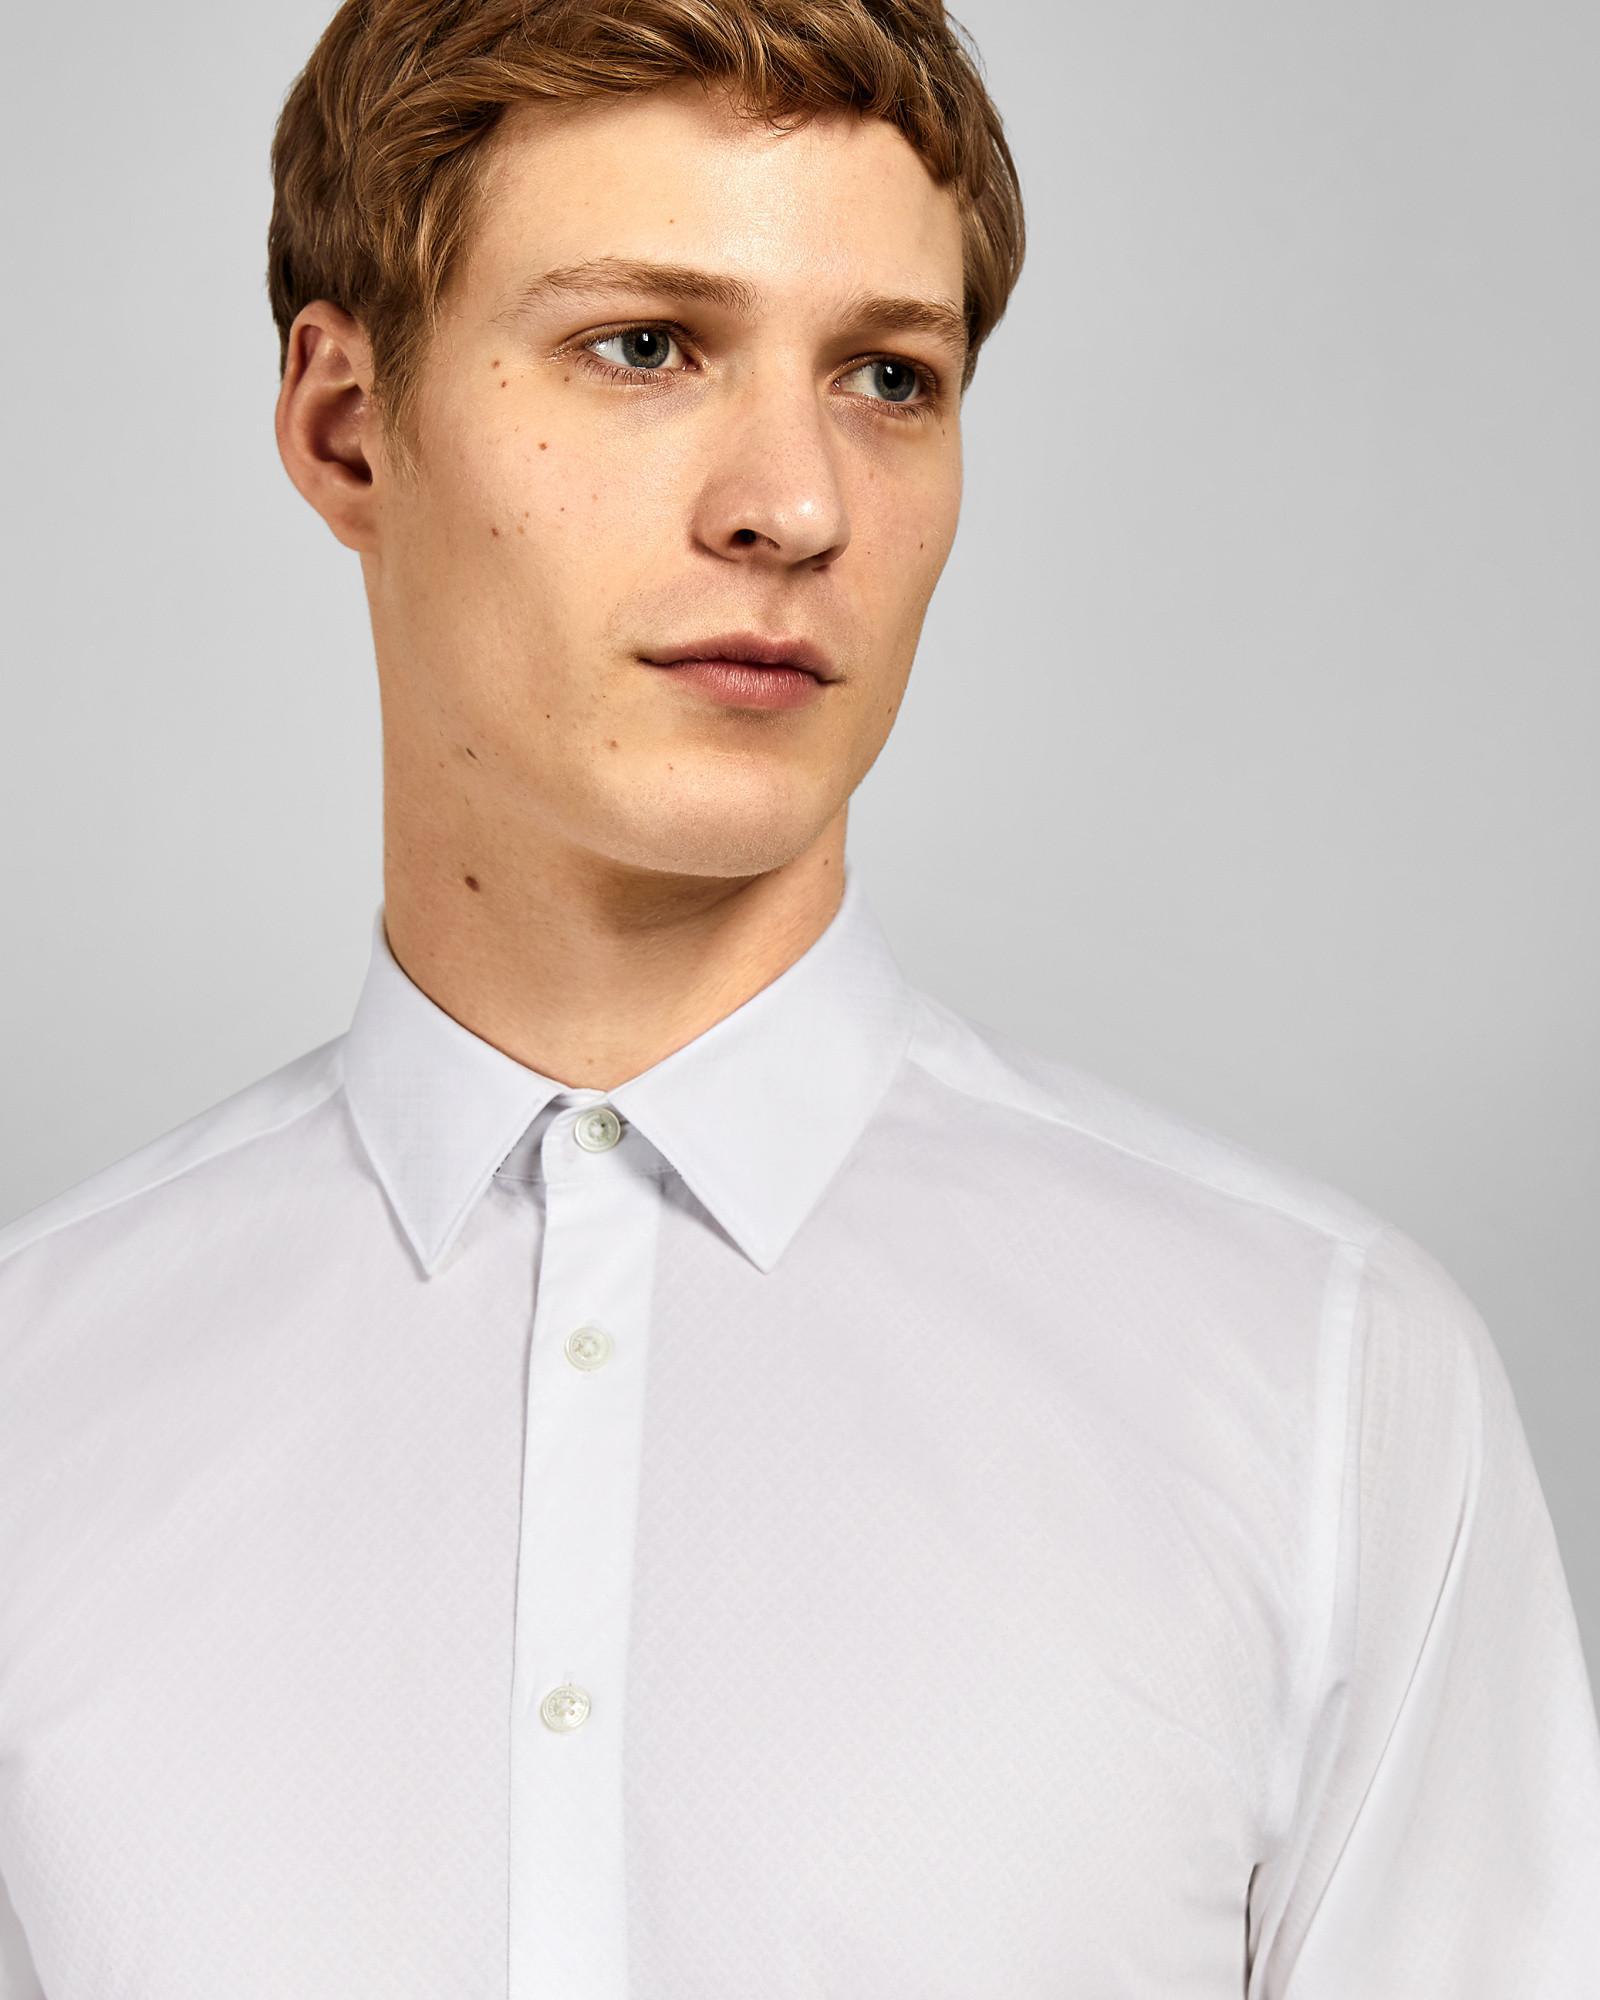 1a45b702dbd1 Ted Baker Diamond Print Cotton Shirt in White for Men - Lyst